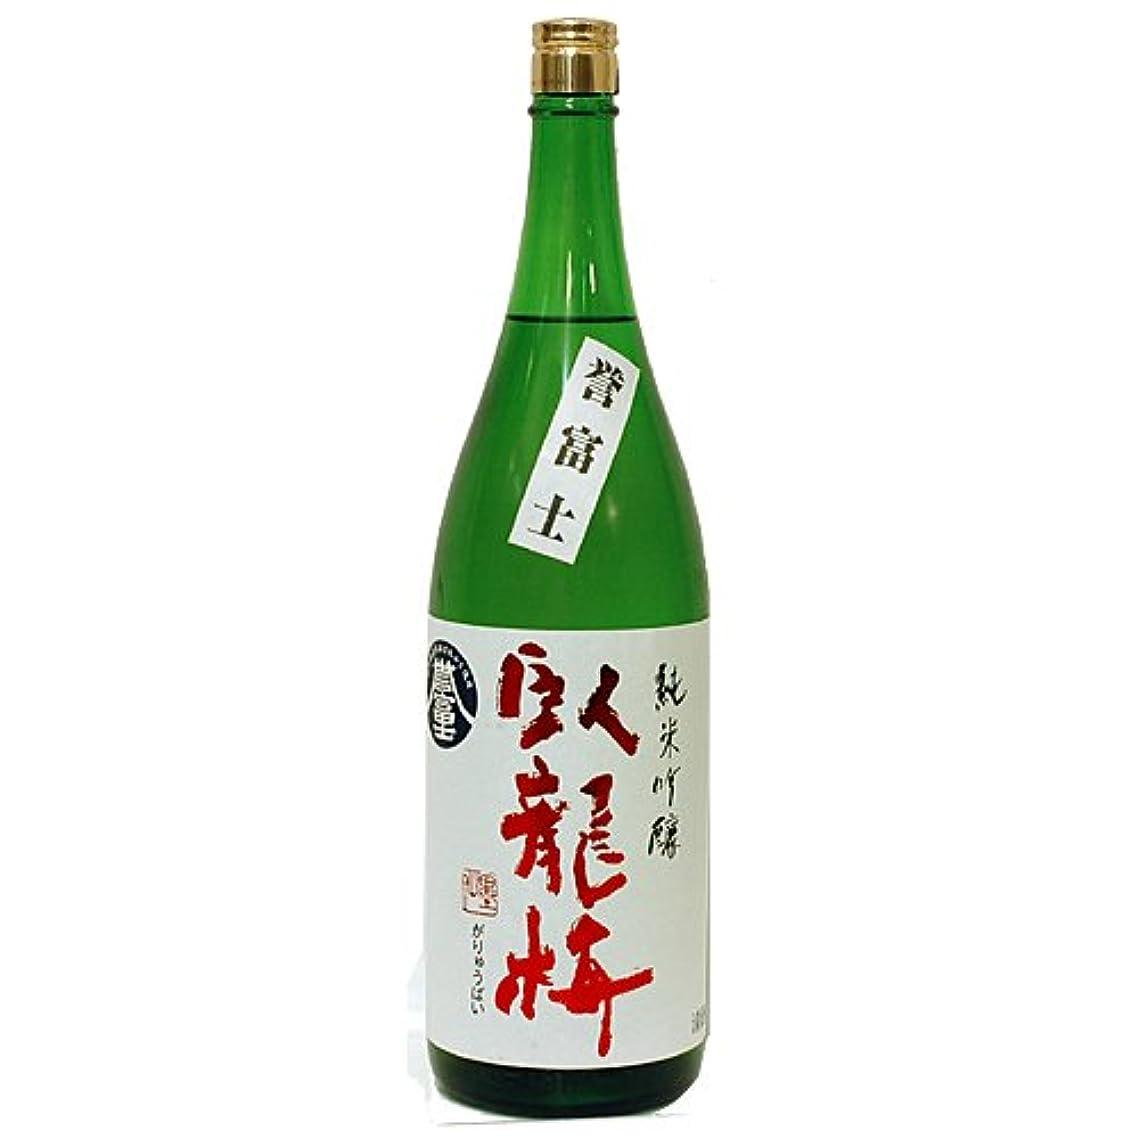 真面目な基礎理論最高臥龍梅 純米吟醸 「誉富士」 無濾過生貯原酒 27BY 1.8L